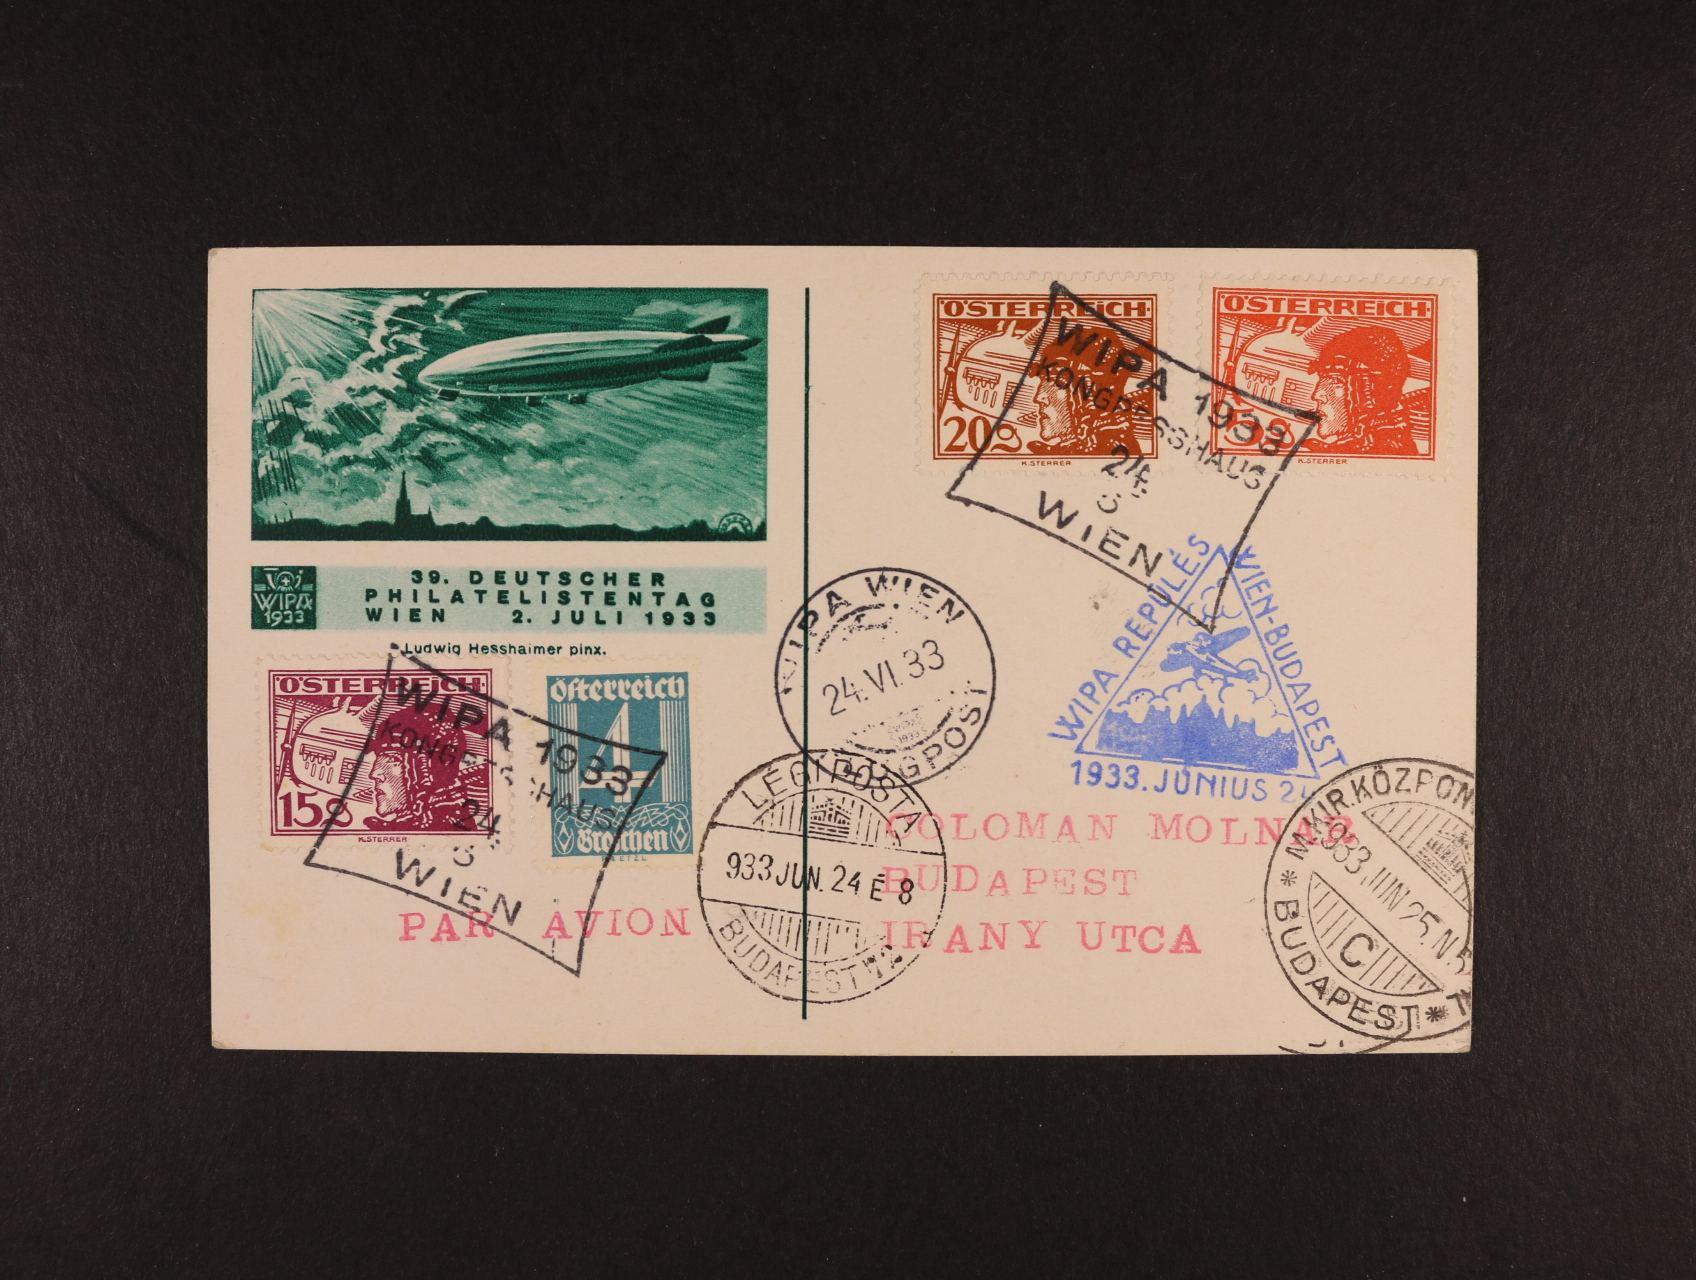 oficielní KL WIPA 1933 přepr. do Budapešti výstavním letem Wien - Budapest, pod. rámečkové raz. WIPA 1933 24.6.33, modrý palubní kašet, průch. a přích. raz., lux. kvalita